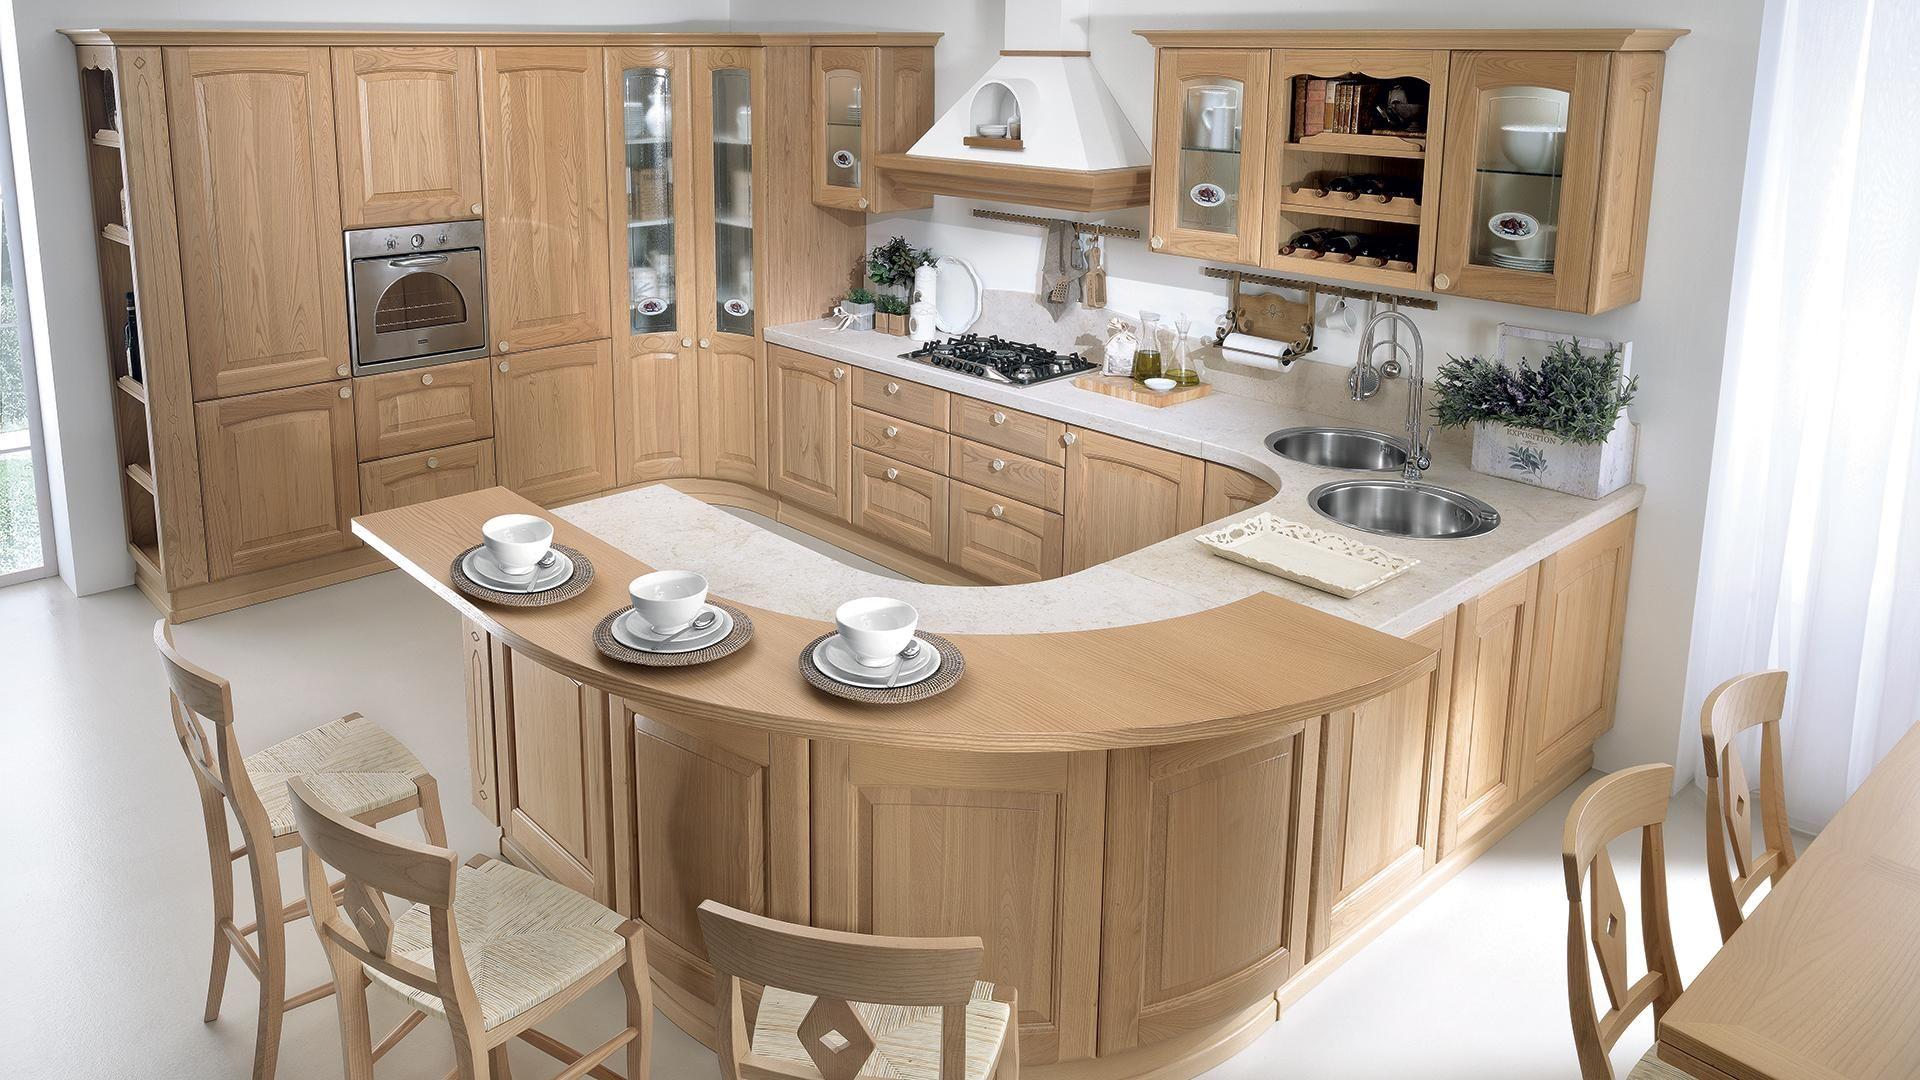 Risultati immagini per cucina lube classica veronica | Kitchen nel ...